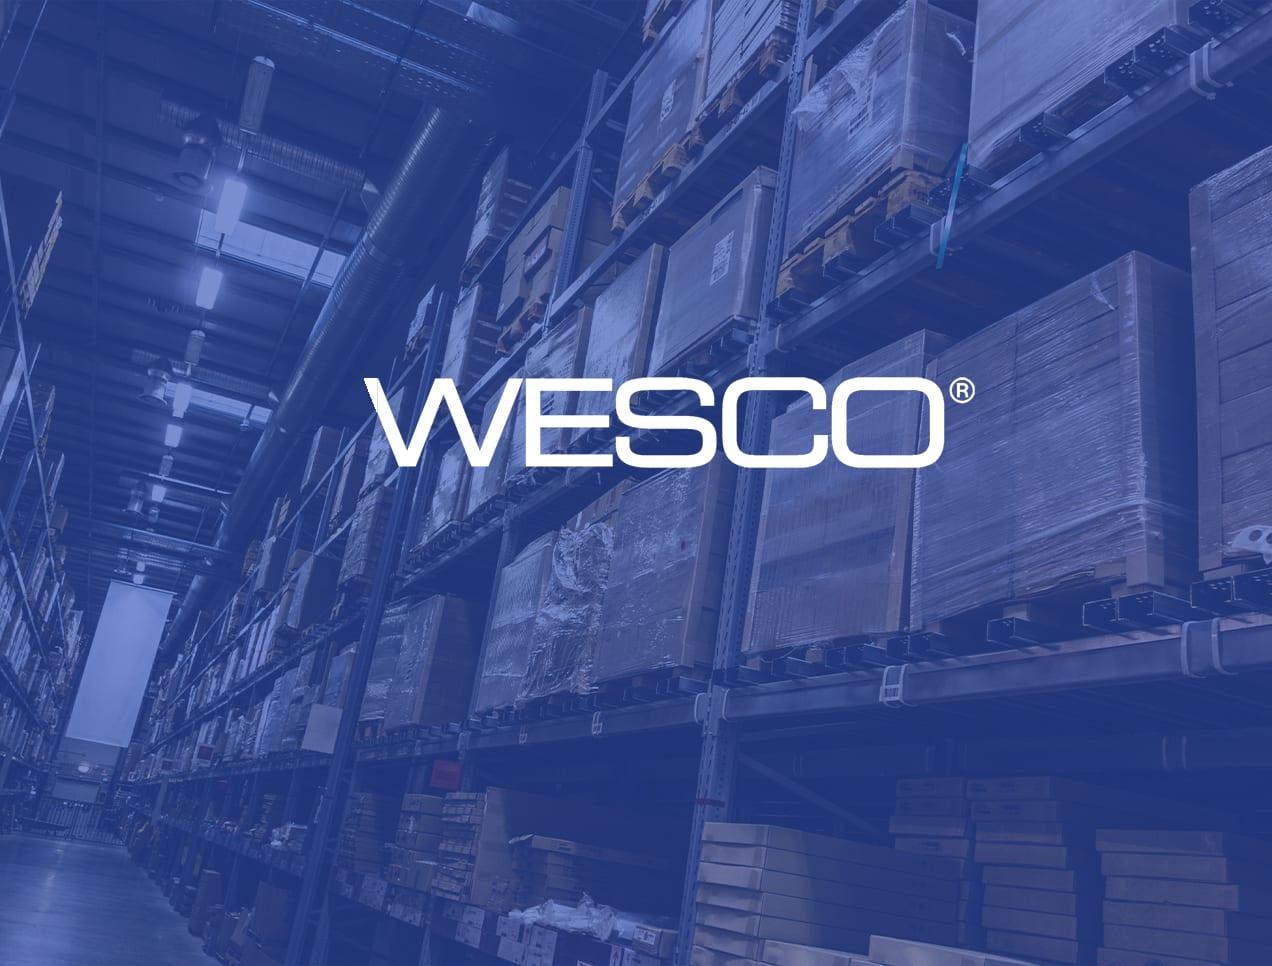 Wesco - Hoshin training and coaching